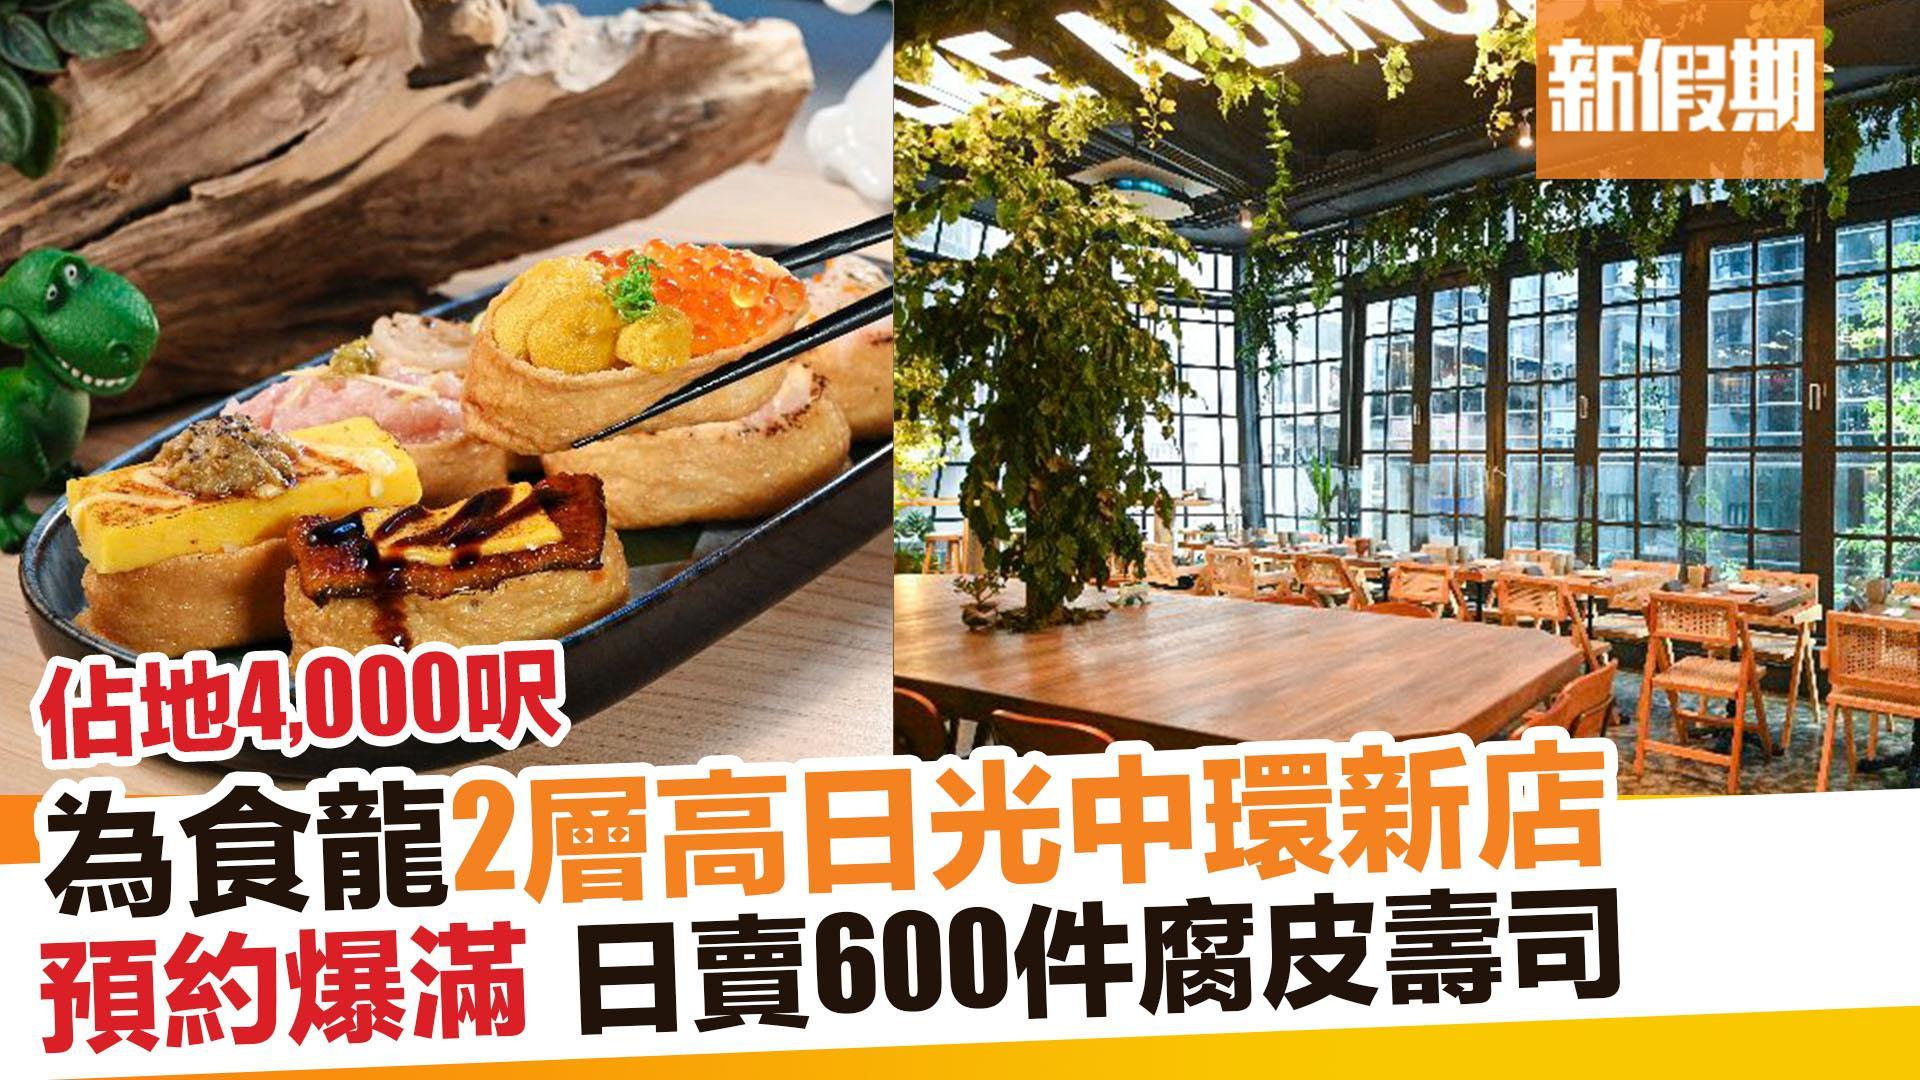 【區區搵食】「為食龍」搬址中環 開設2層高4,000呎日光餐廳 招牌壽皮壽司系列+全新卷物 新假期